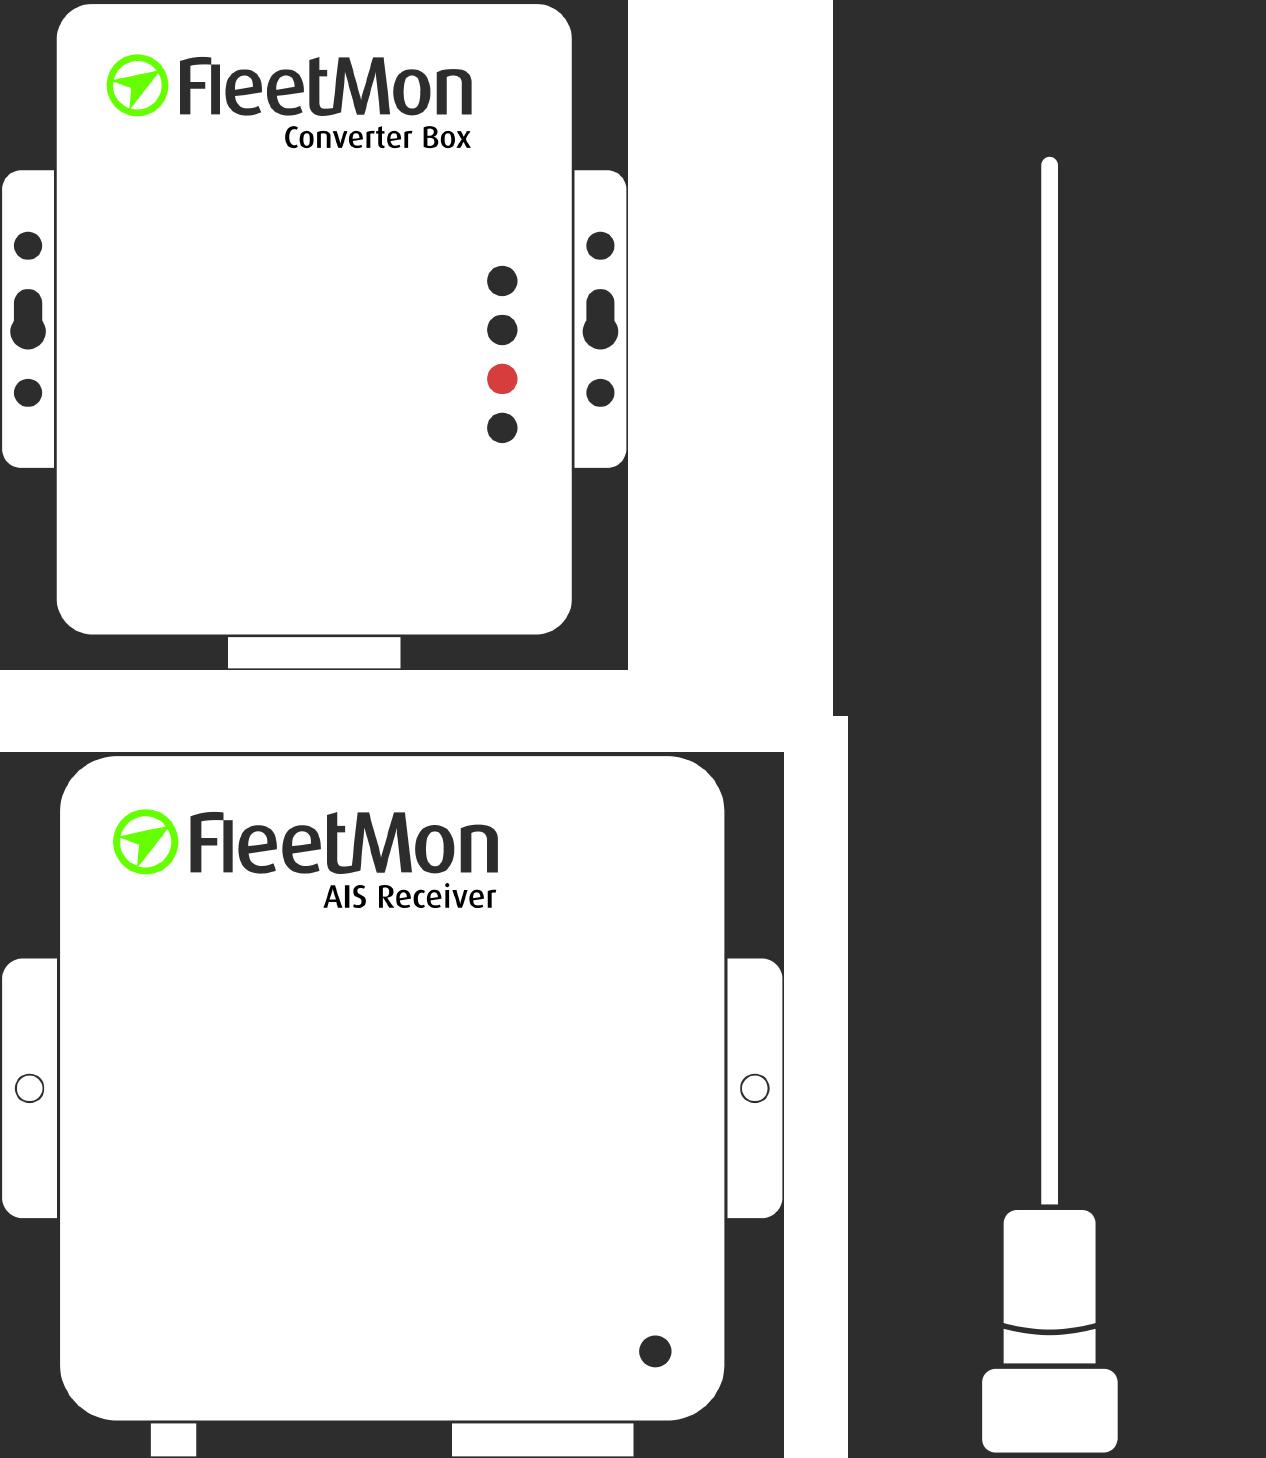 Become FleetMon AIS Partner